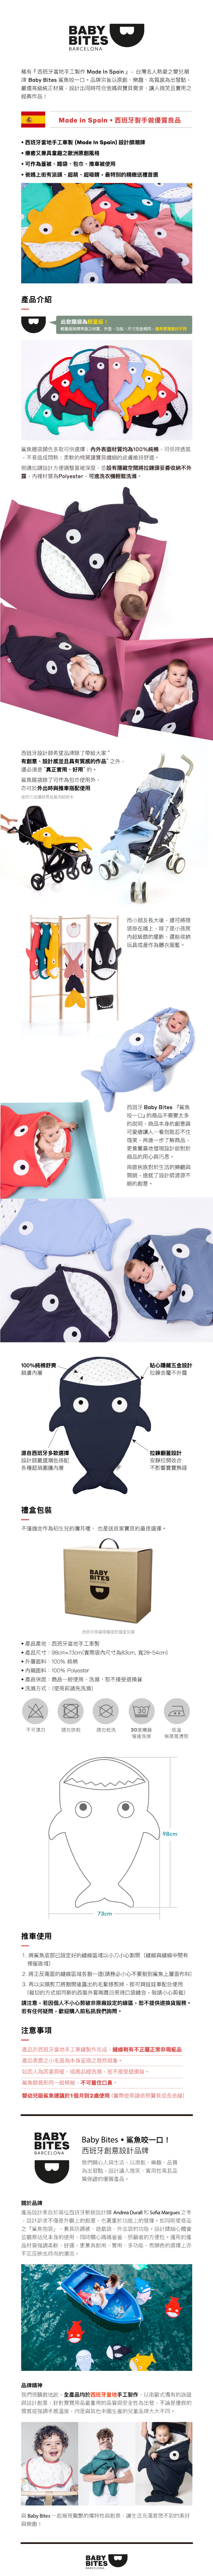 鯊魚咬一口 BabyBites (標準版)100%純棉手作兒童版睡袋/防踢被-水手藍條紋